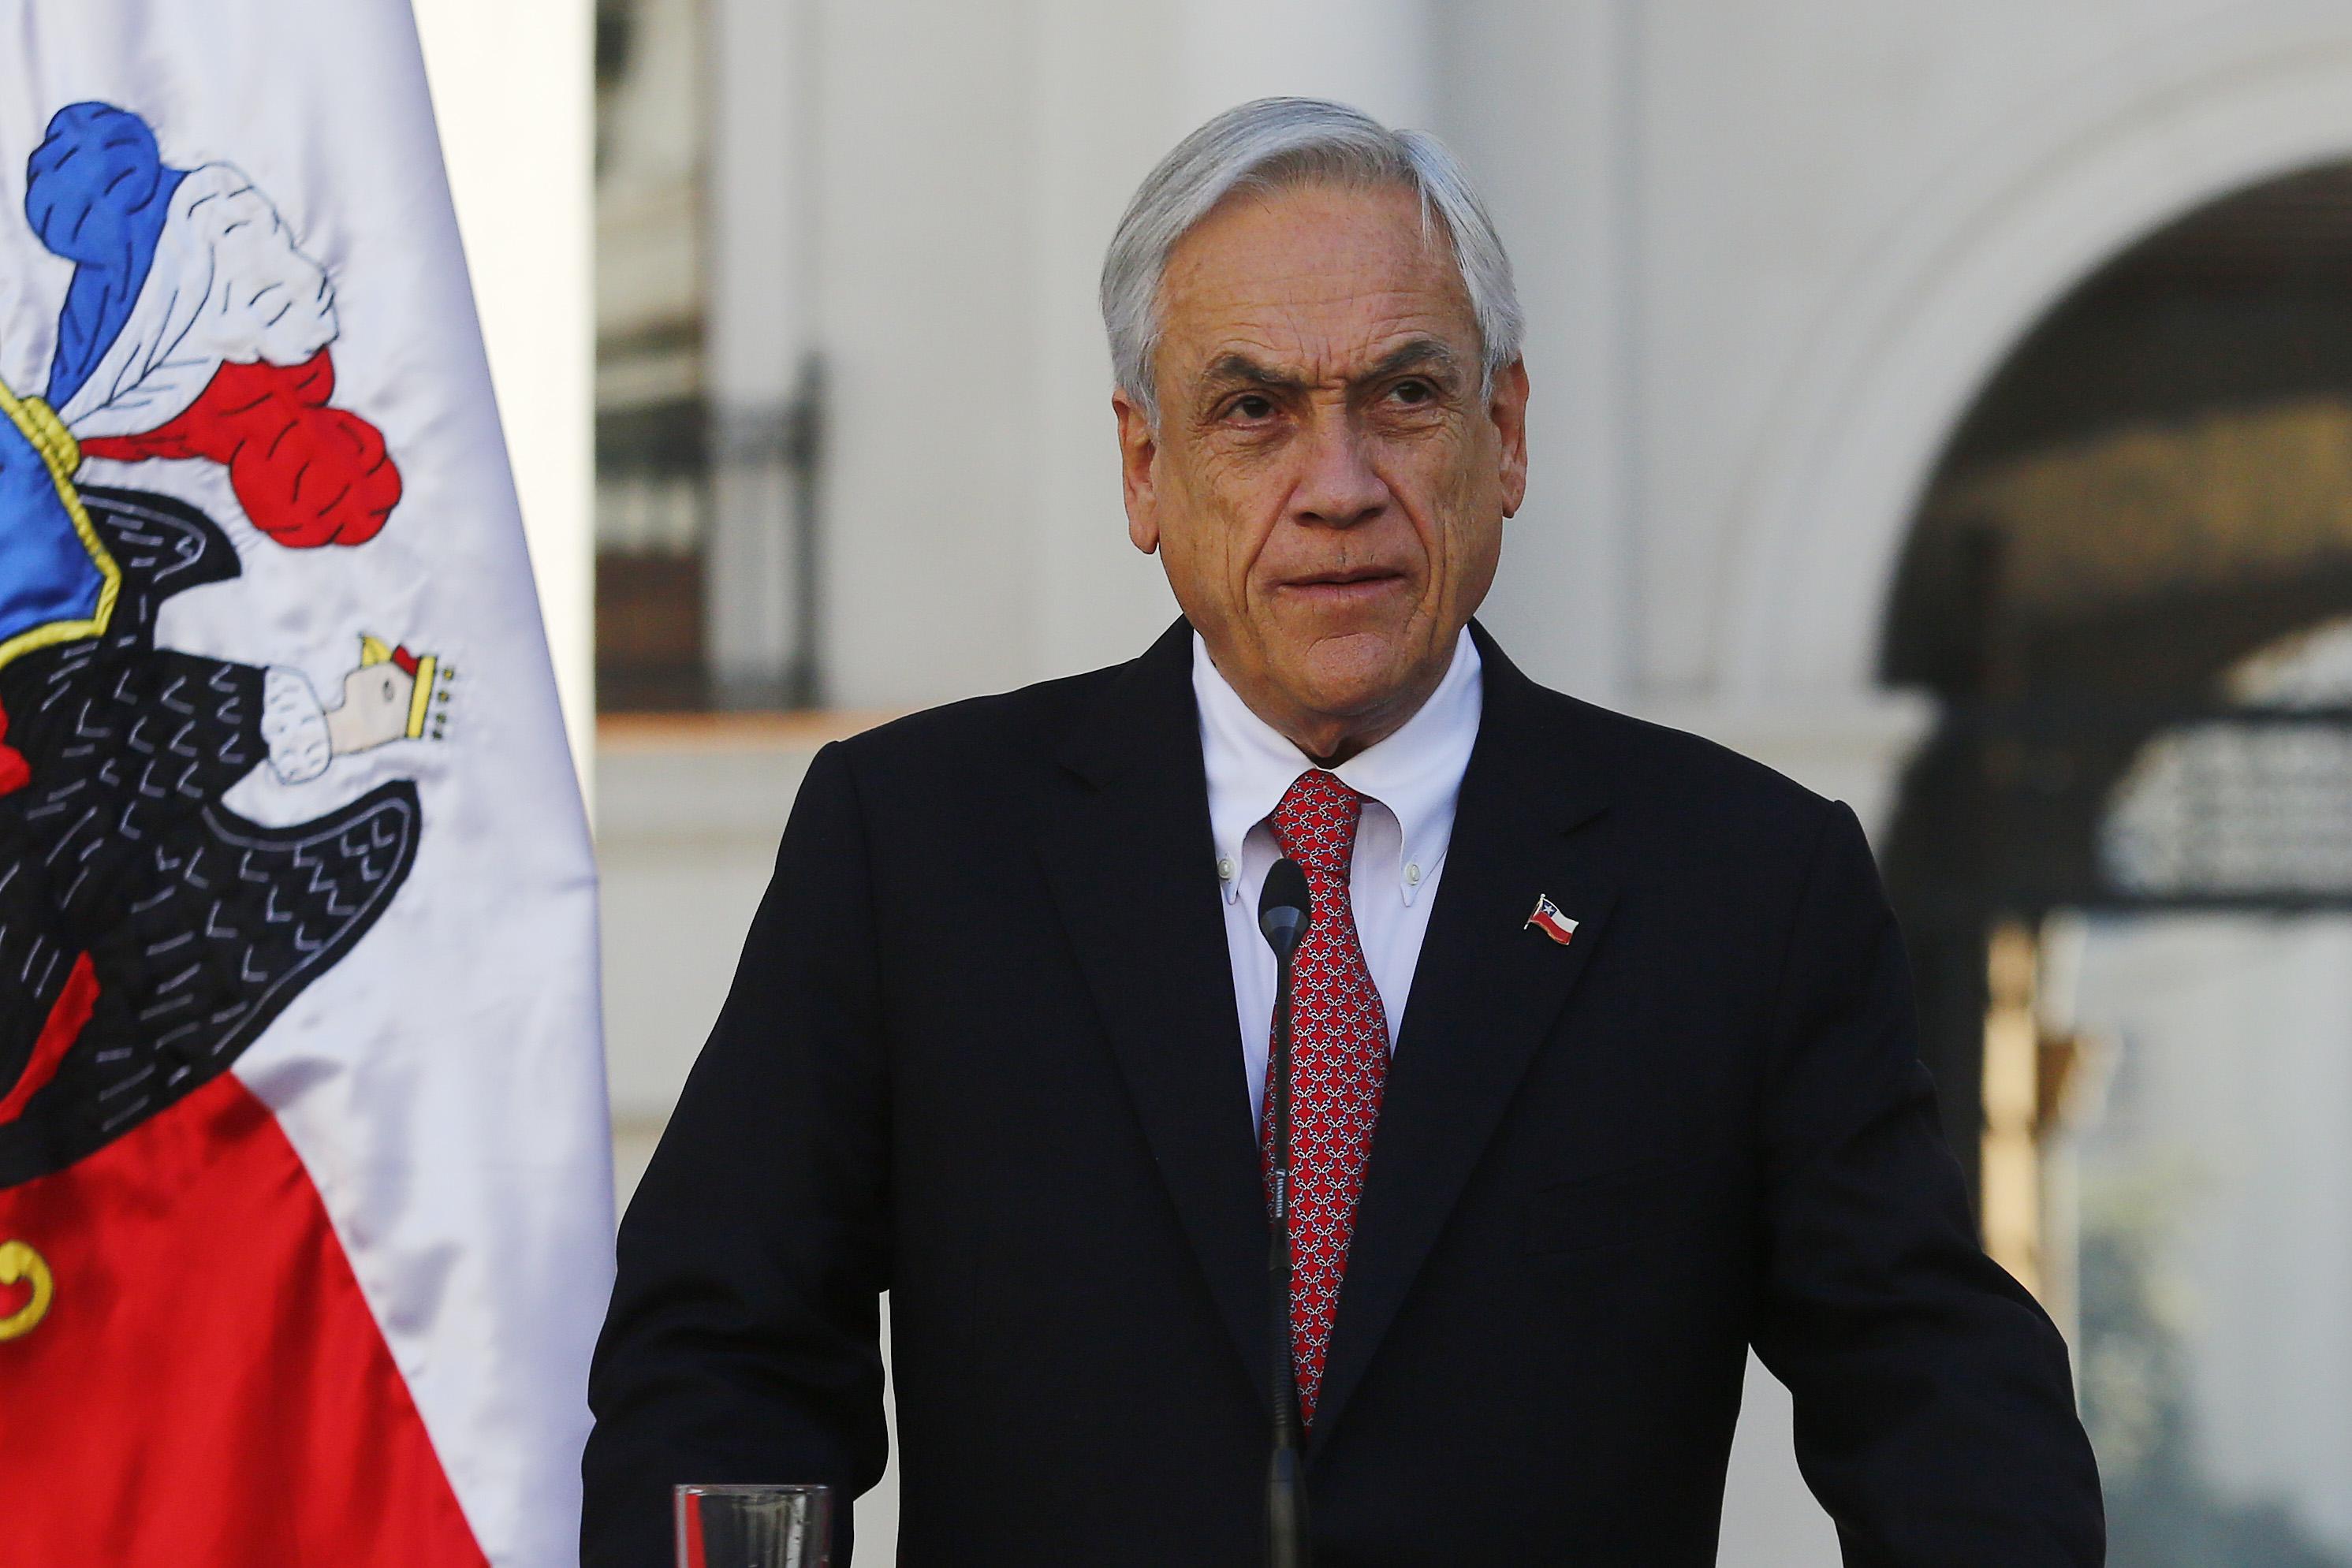 Piñera insiste que la economía crecerá 3,5% en 2019 pese a lo que dicen los expertos